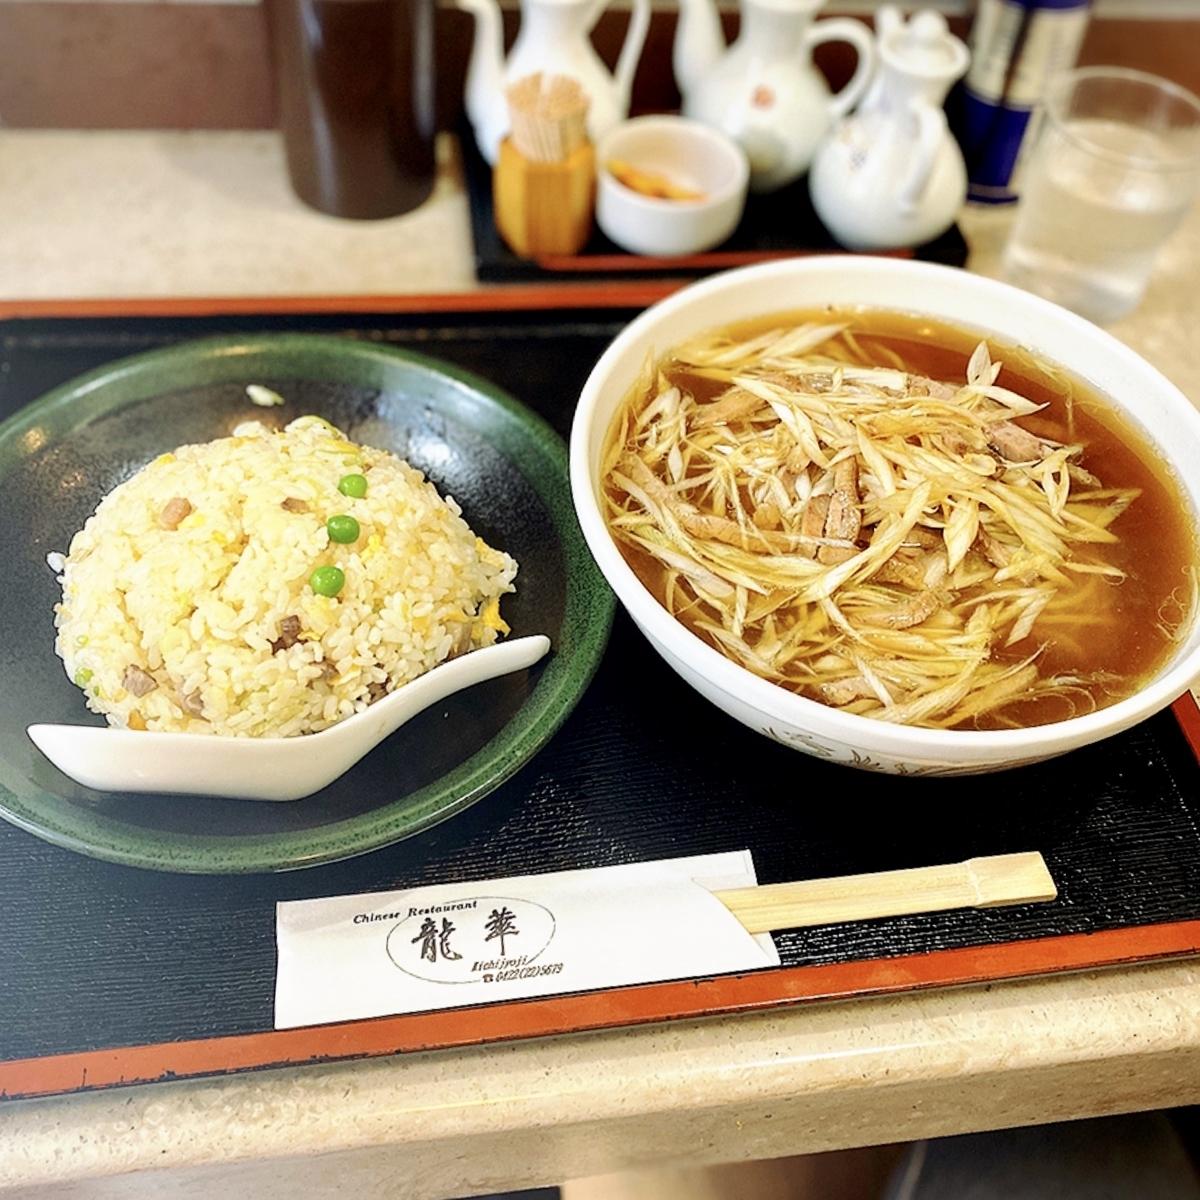 """「龍華」でいただいた「半炒飯と叉焼入りネギラーメン」""""1000円(税込)"""